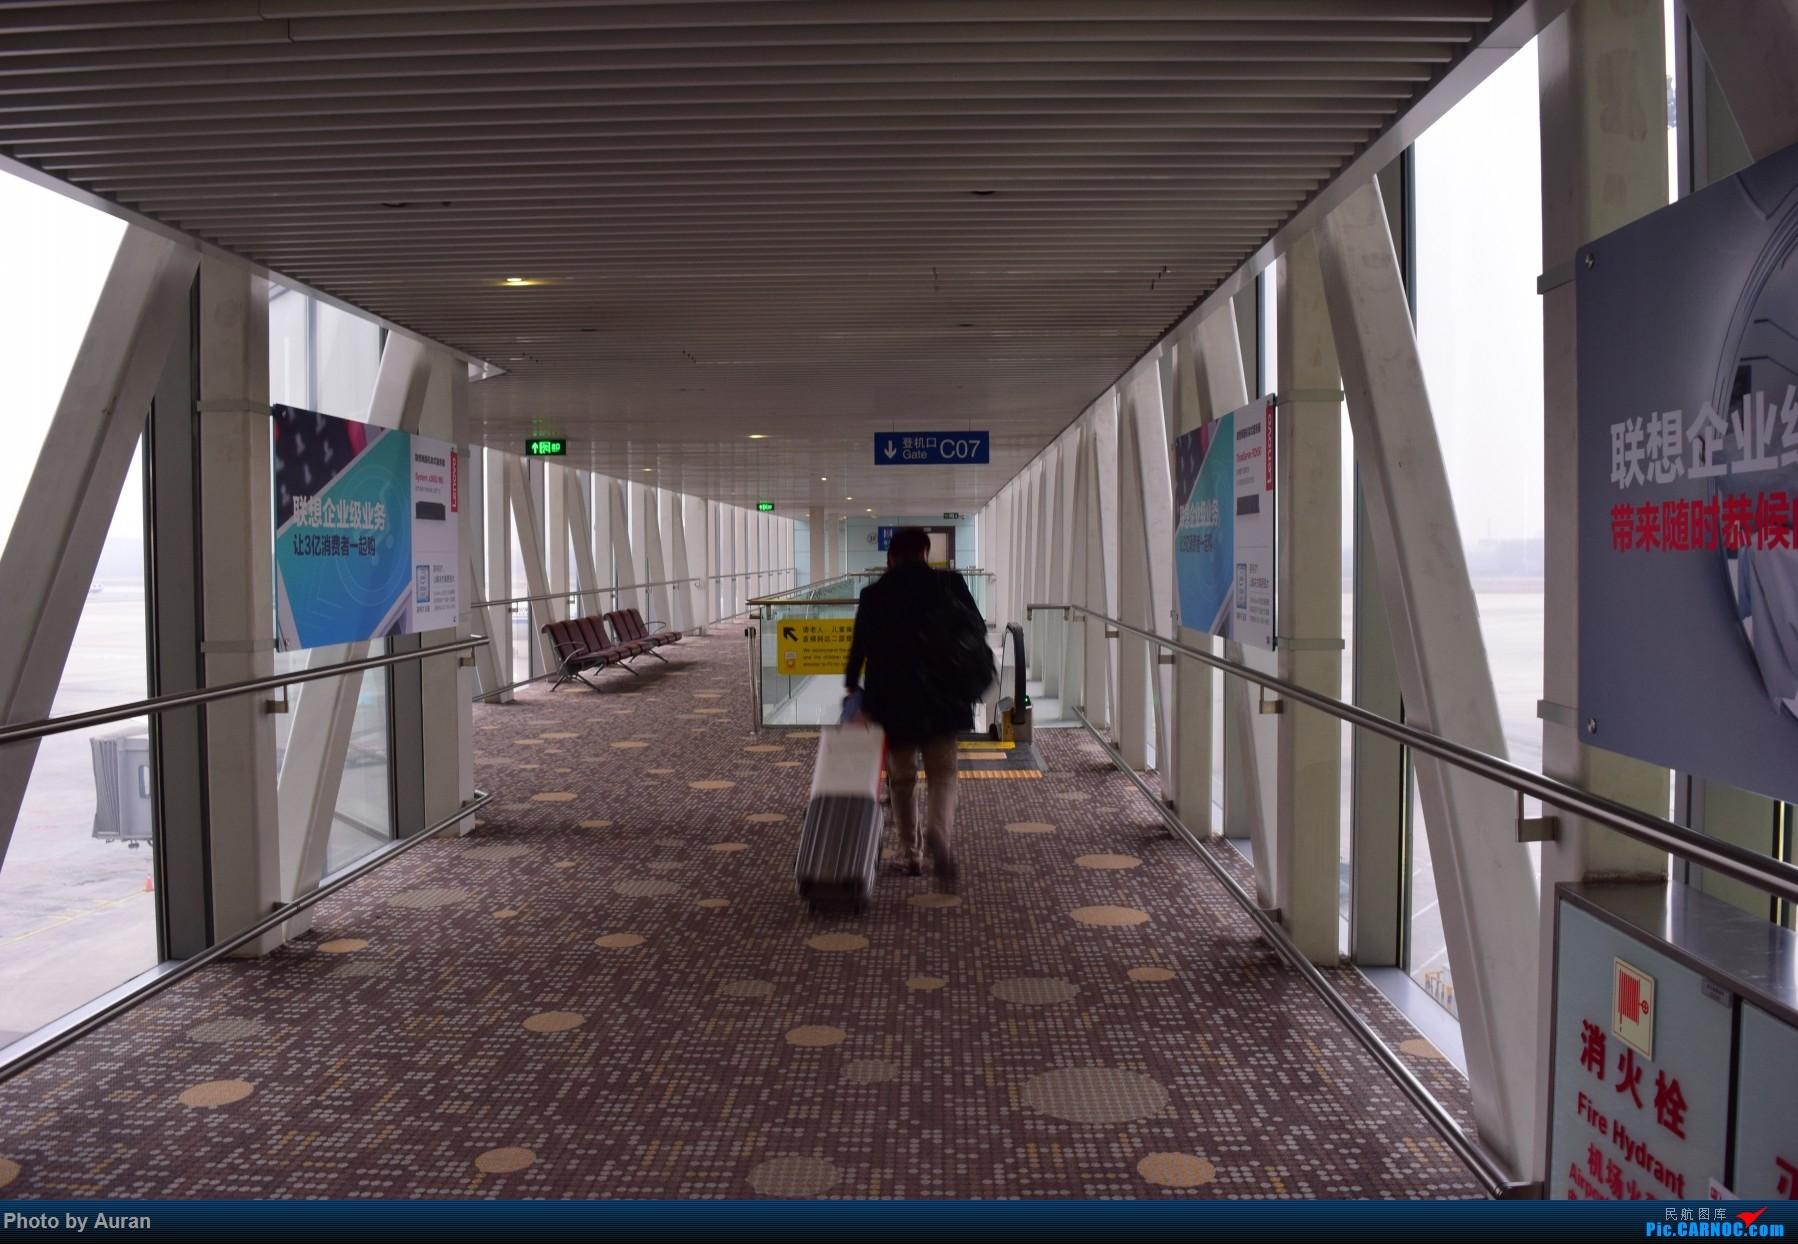 Re:[原创]【Auran游记3】2016寒假大学回家    中国北京首都国际机场